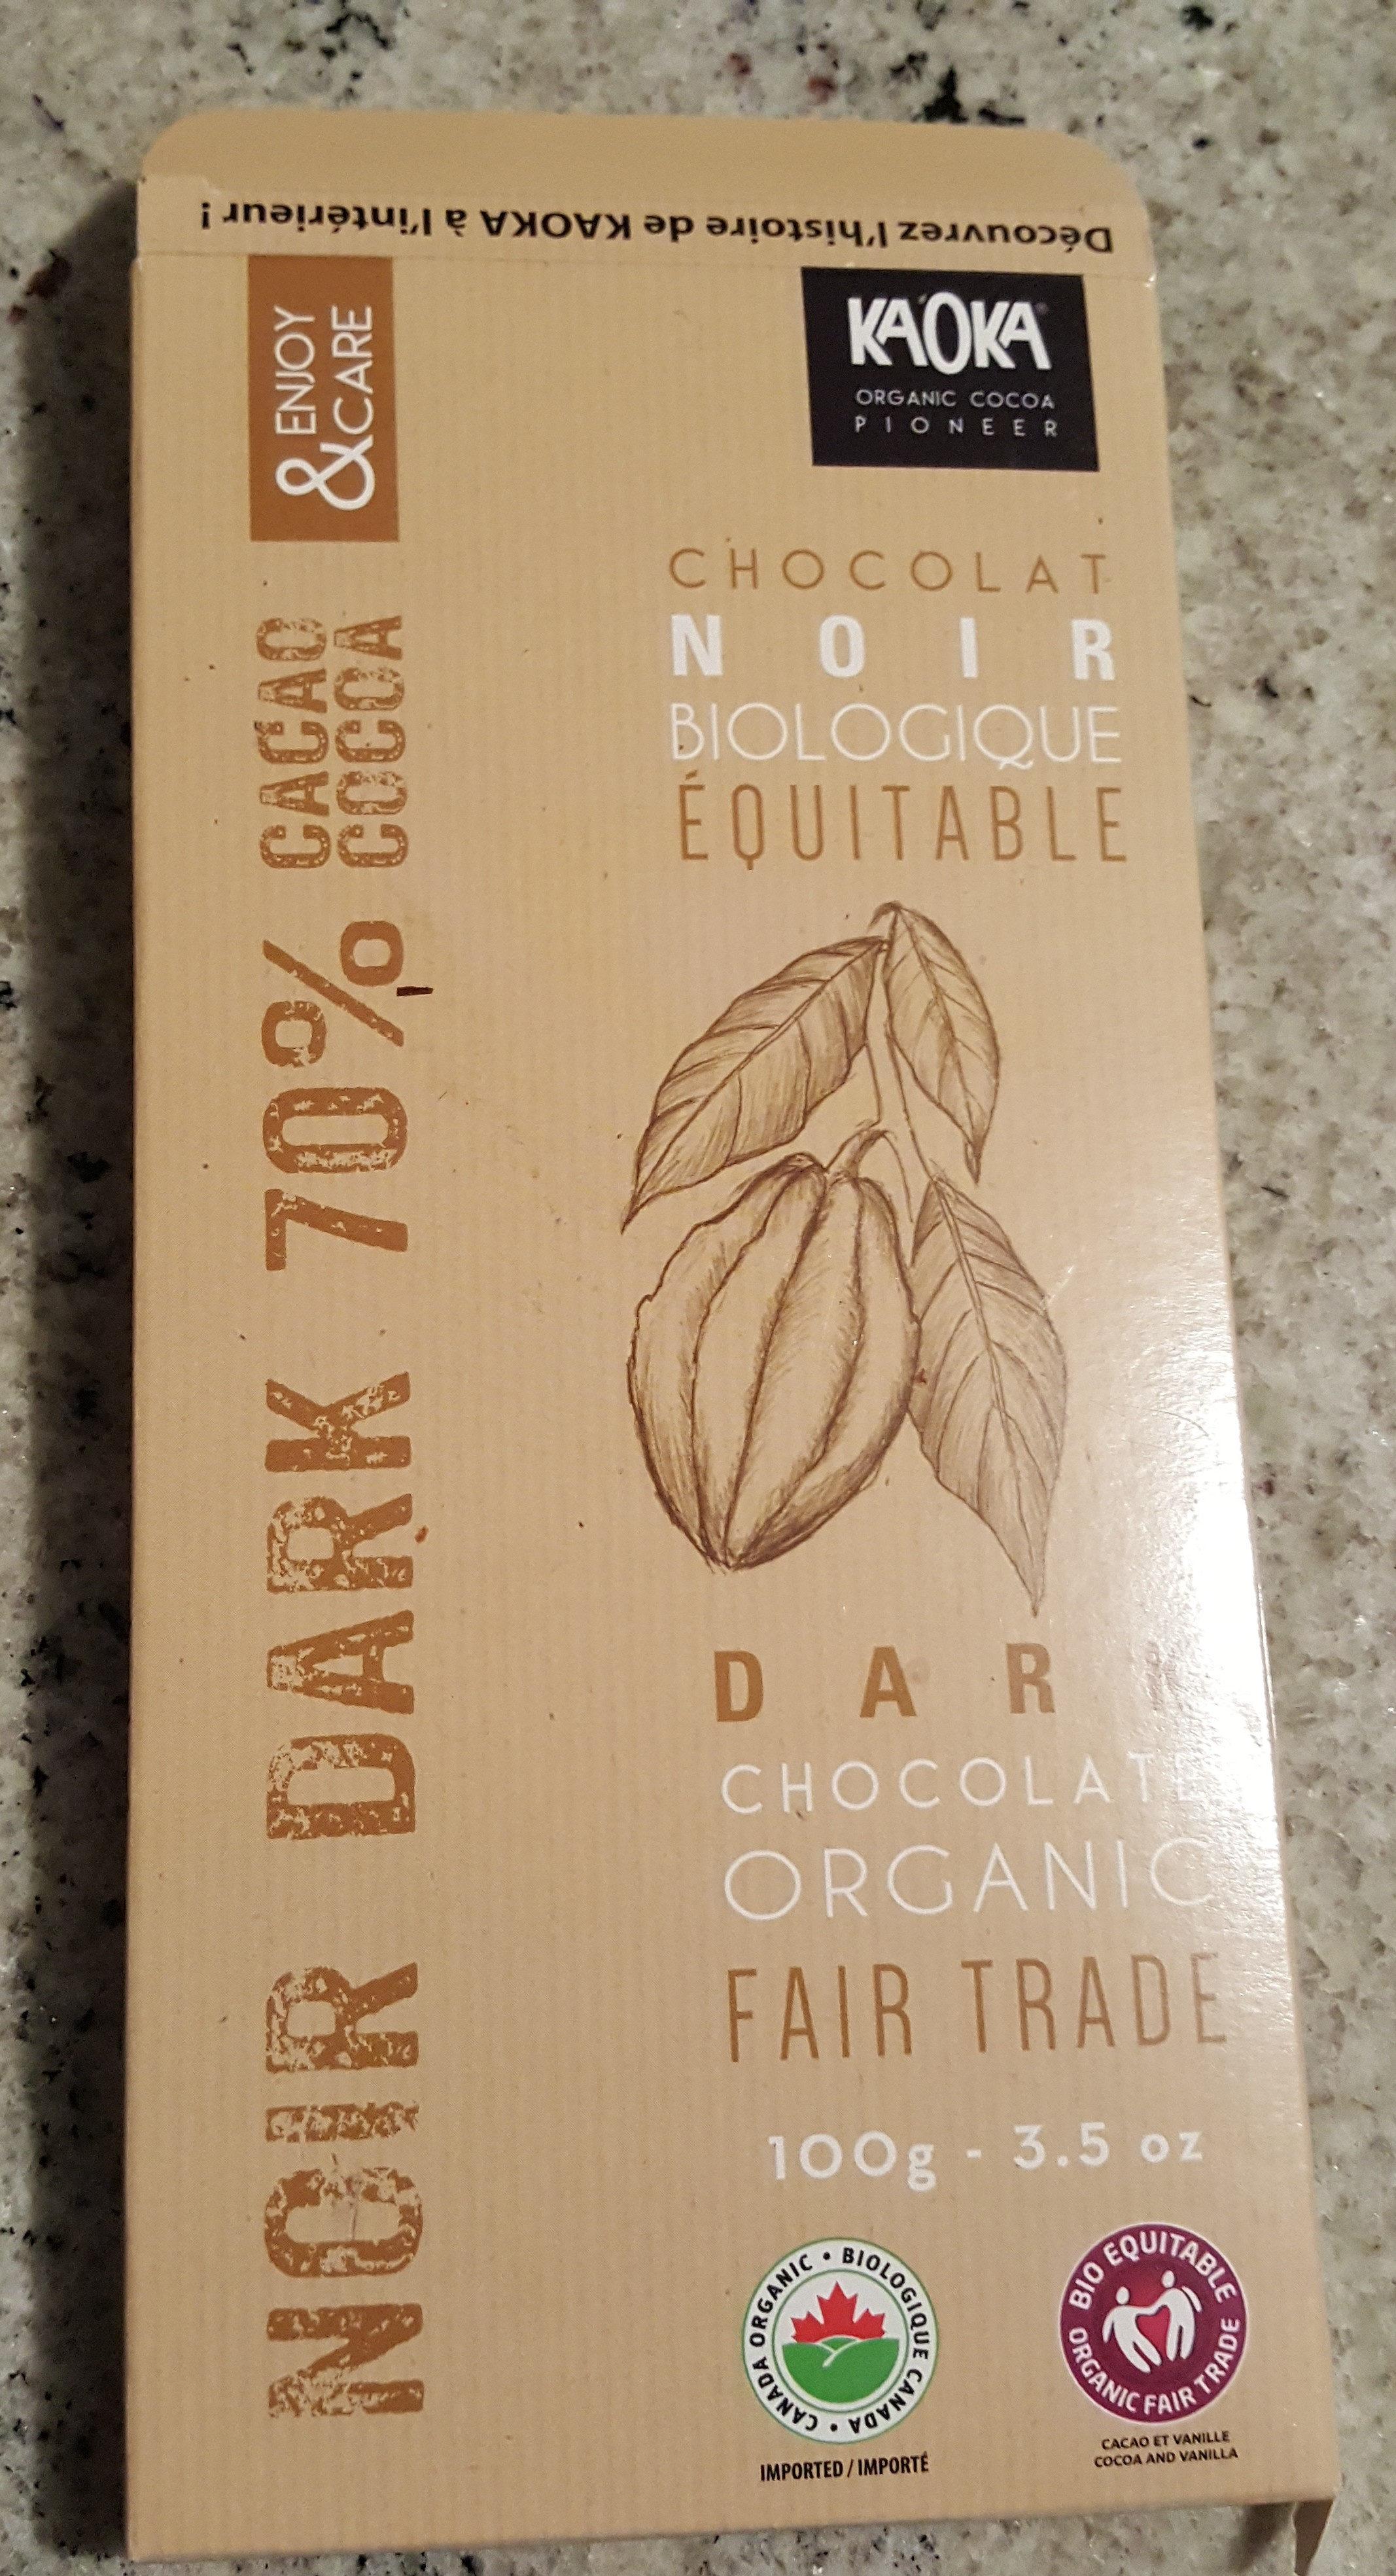 Chocolat noir biologique équitable - Product - fr